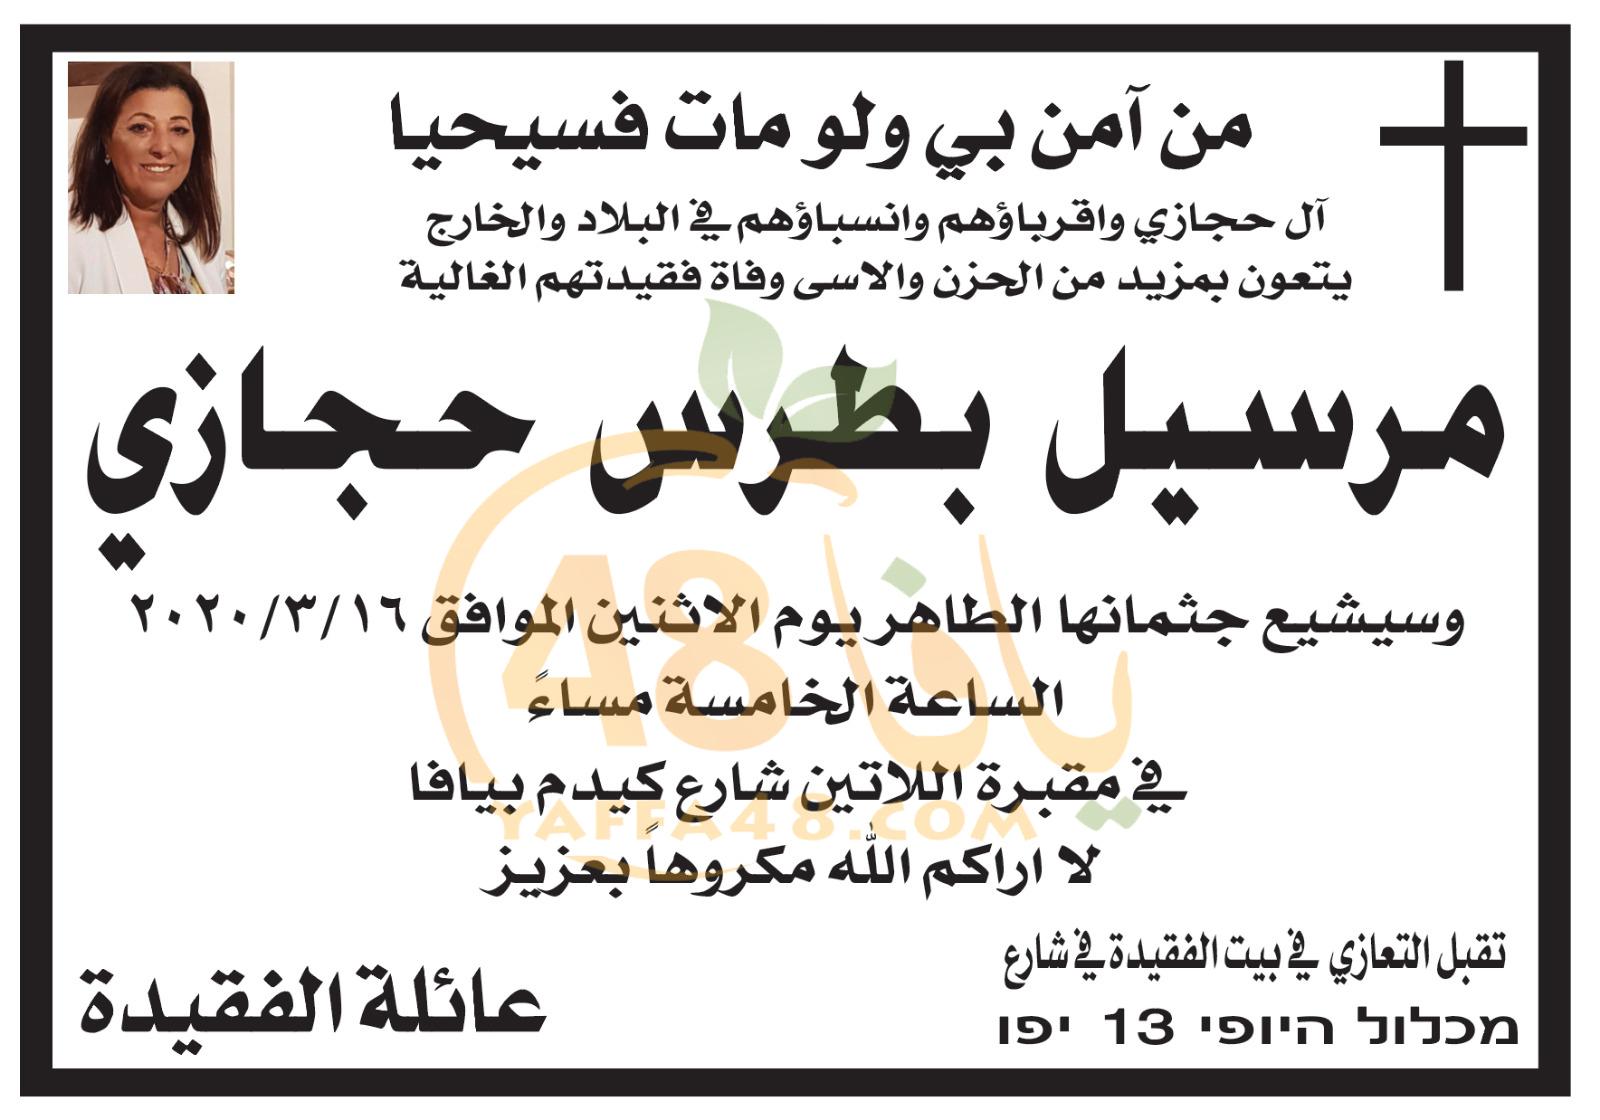 يافا: وفاة السيدة مرسيل بطرس حجازي 56 عاماً